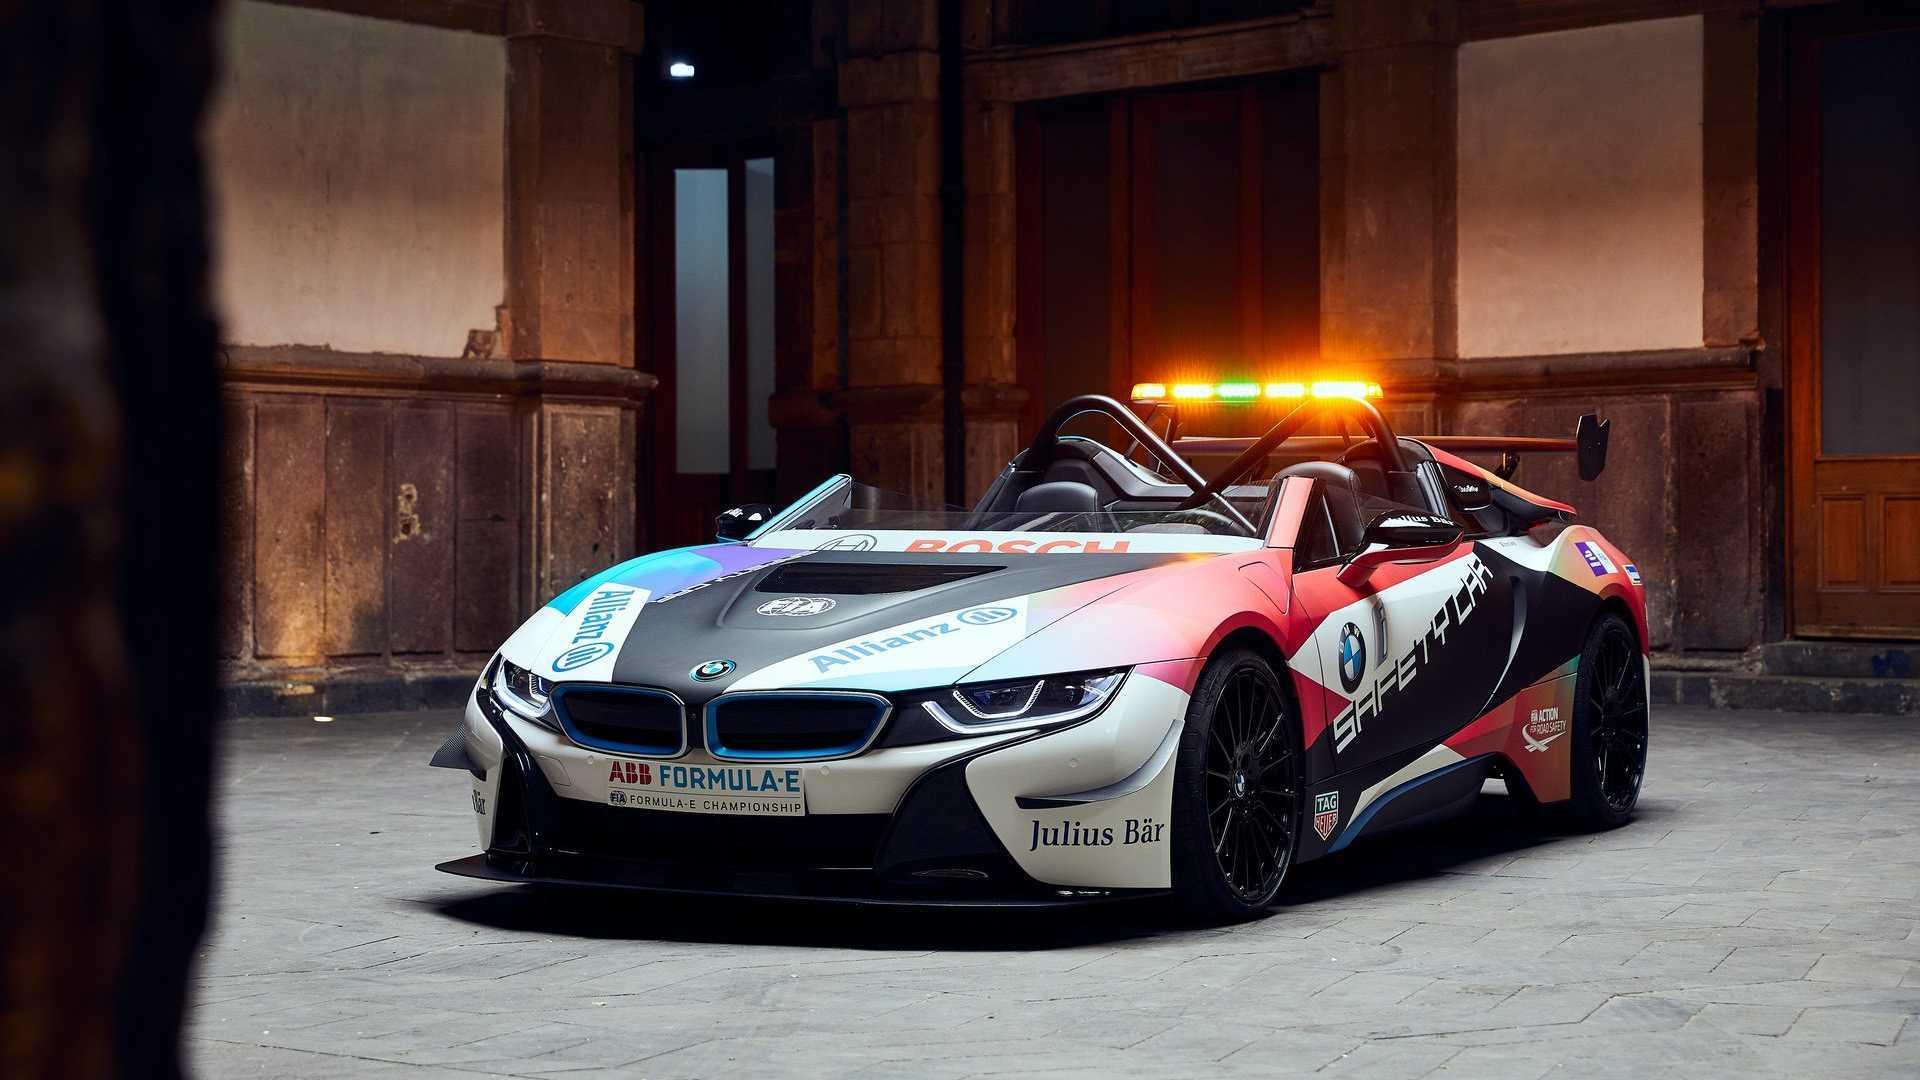 Új festéssel ünnepli a BMW i8 a Formula E-vel kötött szerződéshosszabbítást